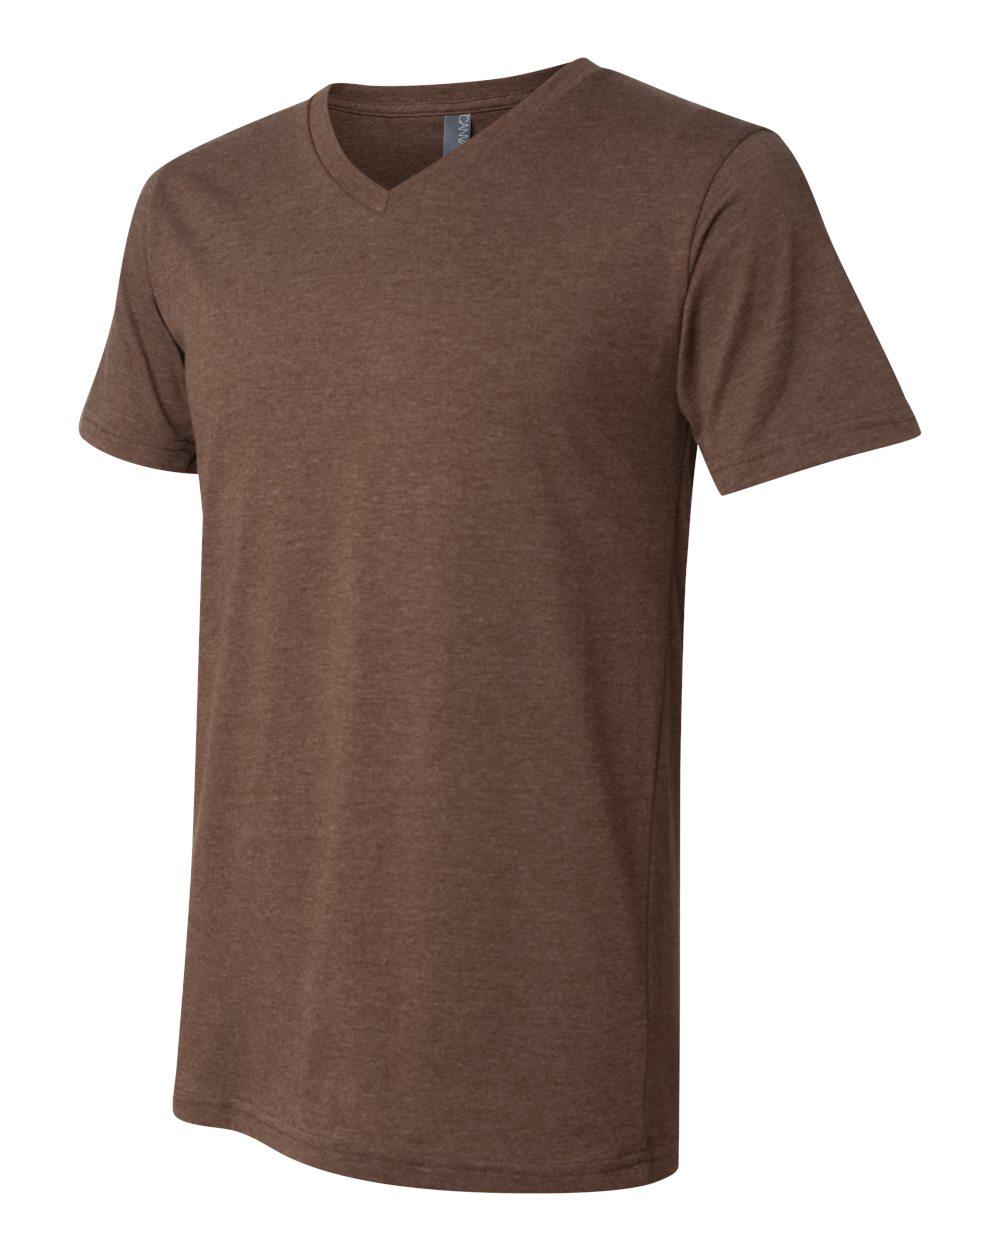 Bella-Canvas-Men-039-s-Jersey-Short-Sleeve-V-Neck-T-Shirt-3005-XS-3XL thumbnail 58